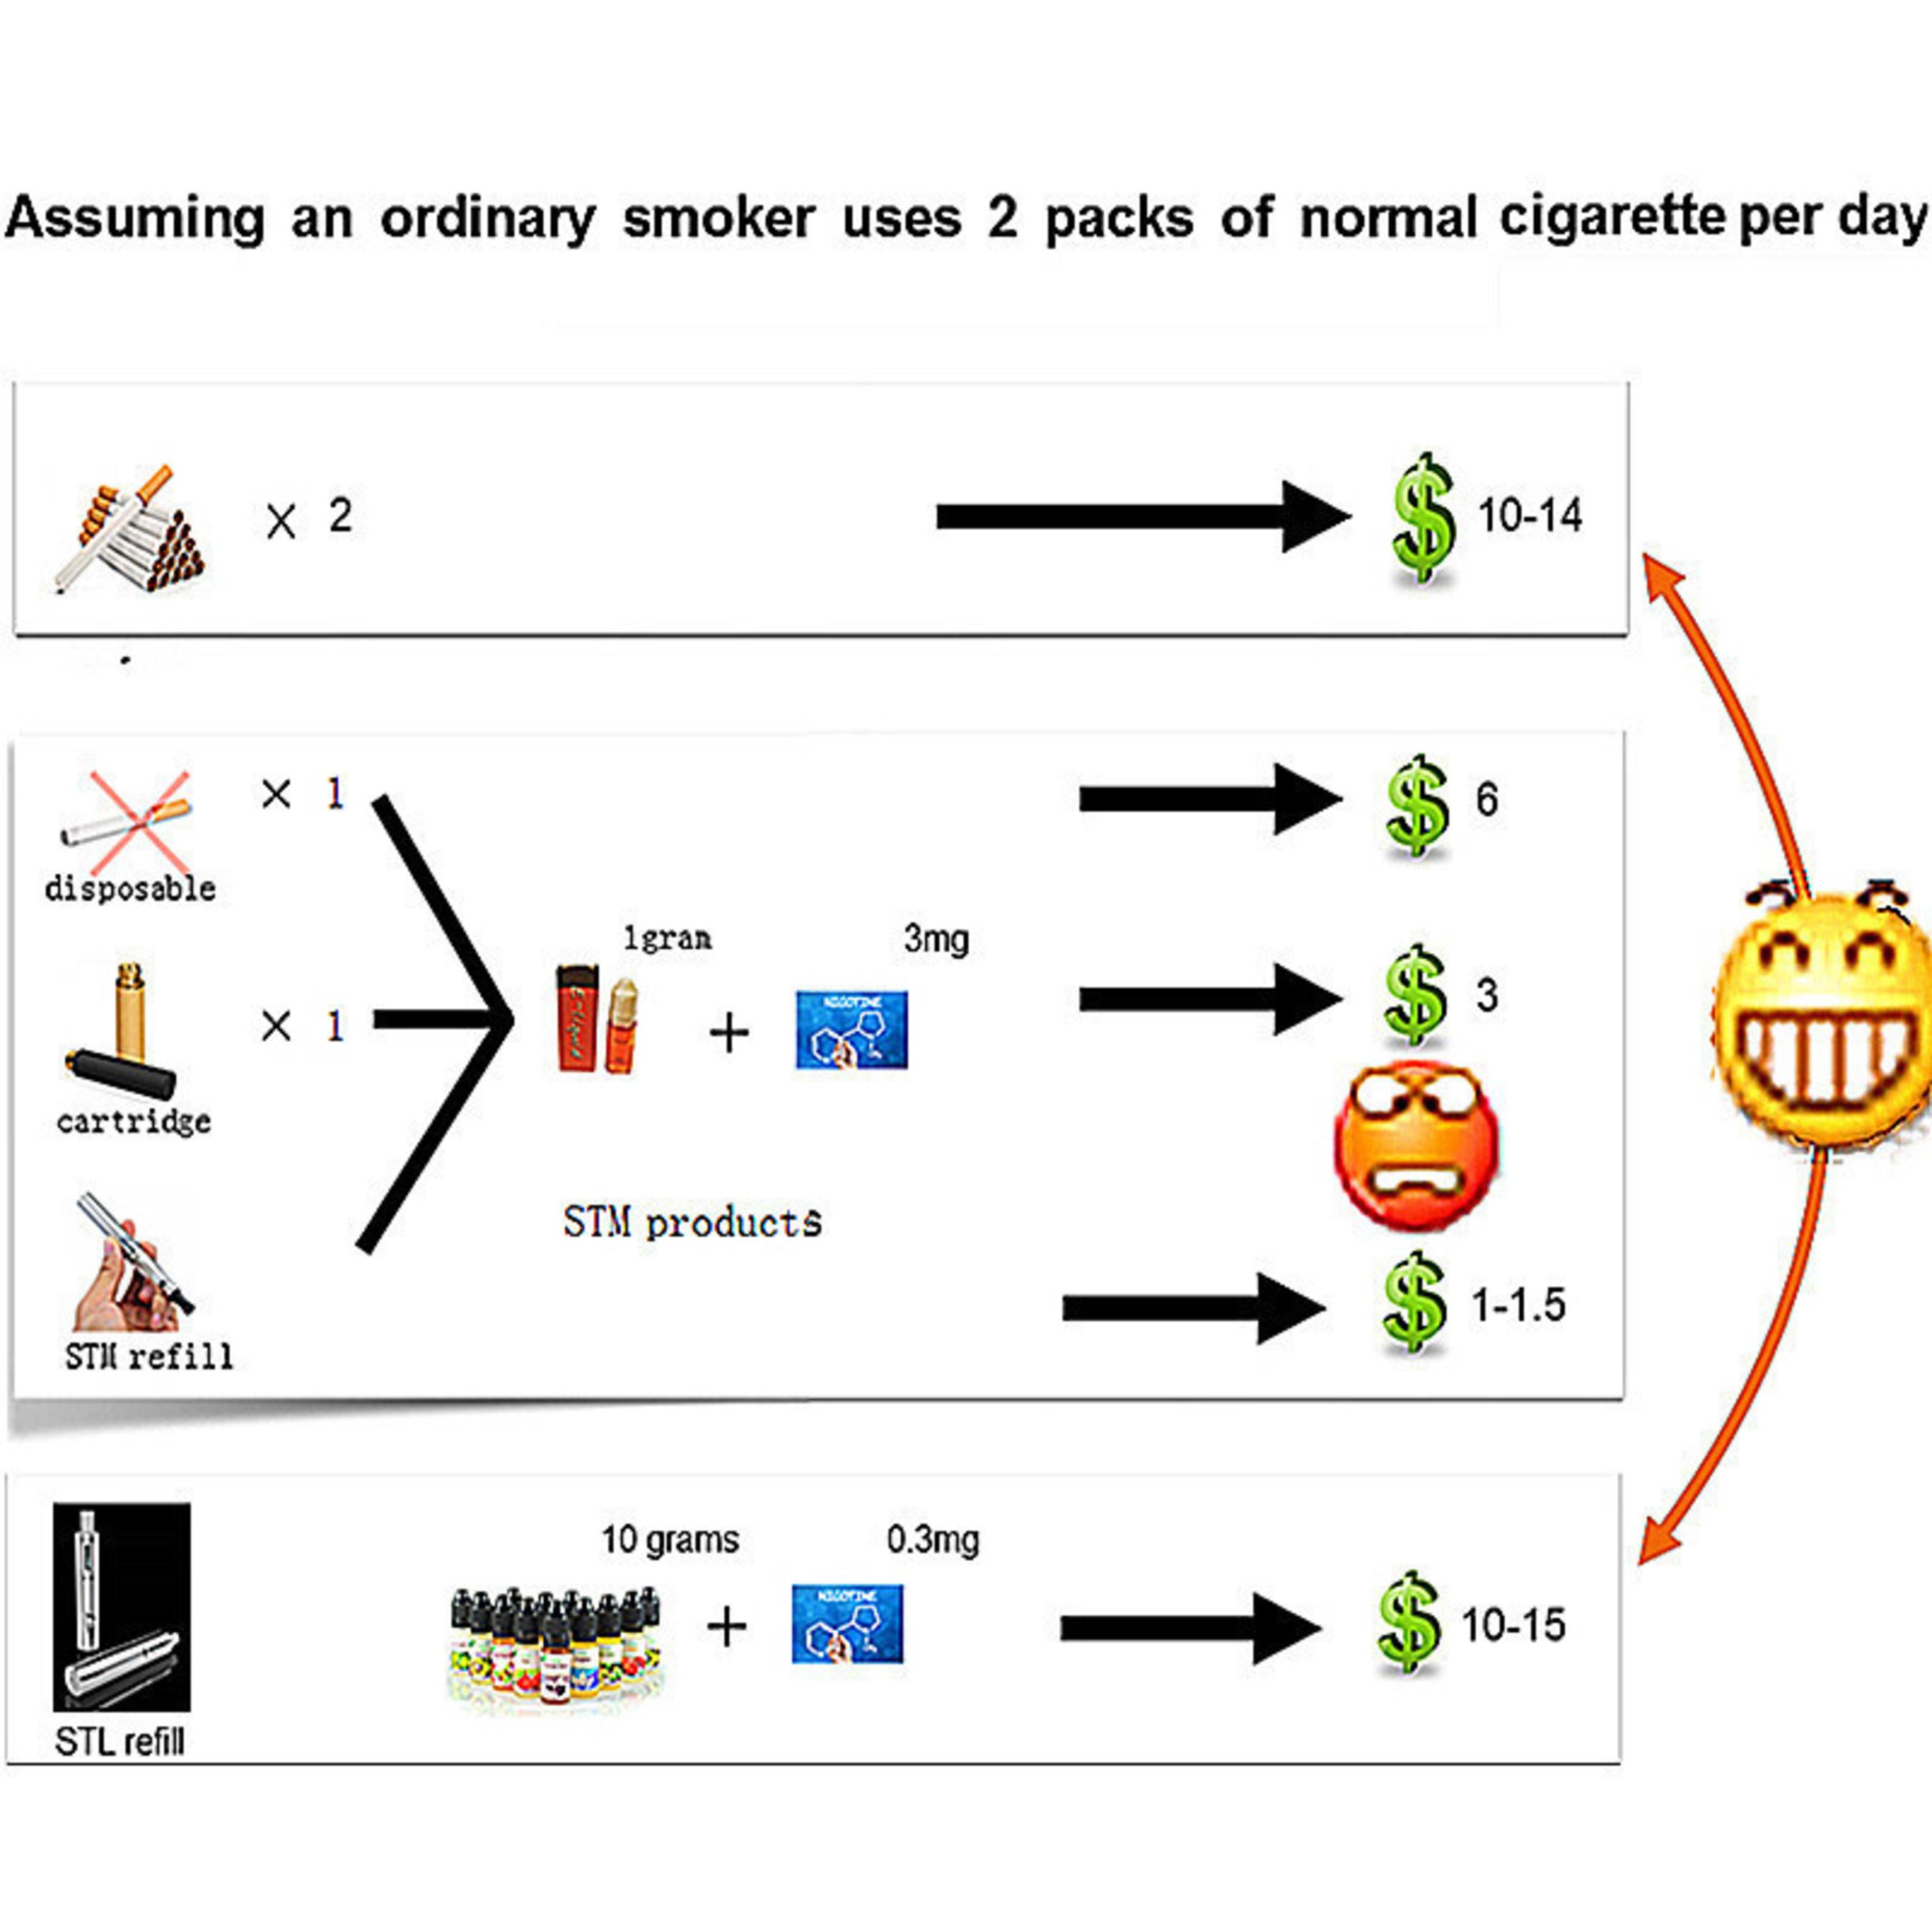 STL E-cigarette, Hope for the Tobacco Industry Future